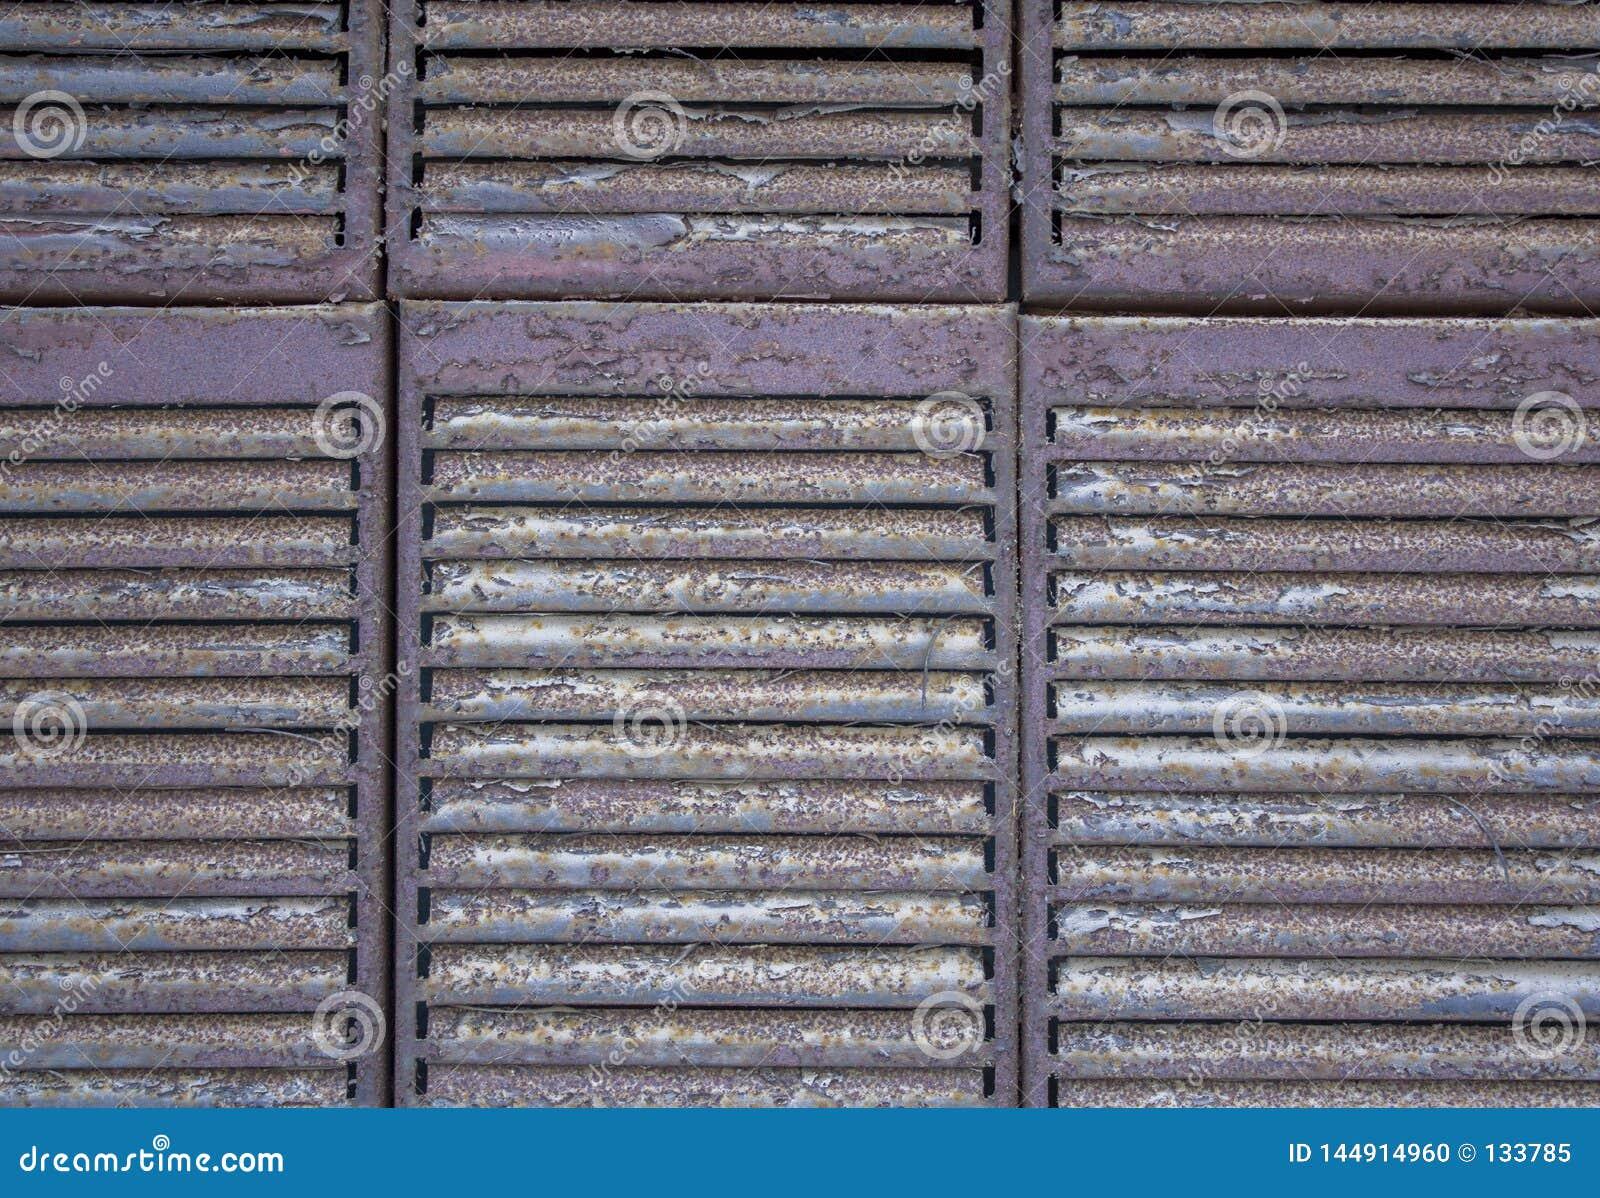 灰色棕色金属生锈的百叶窗格子特写镜头 E